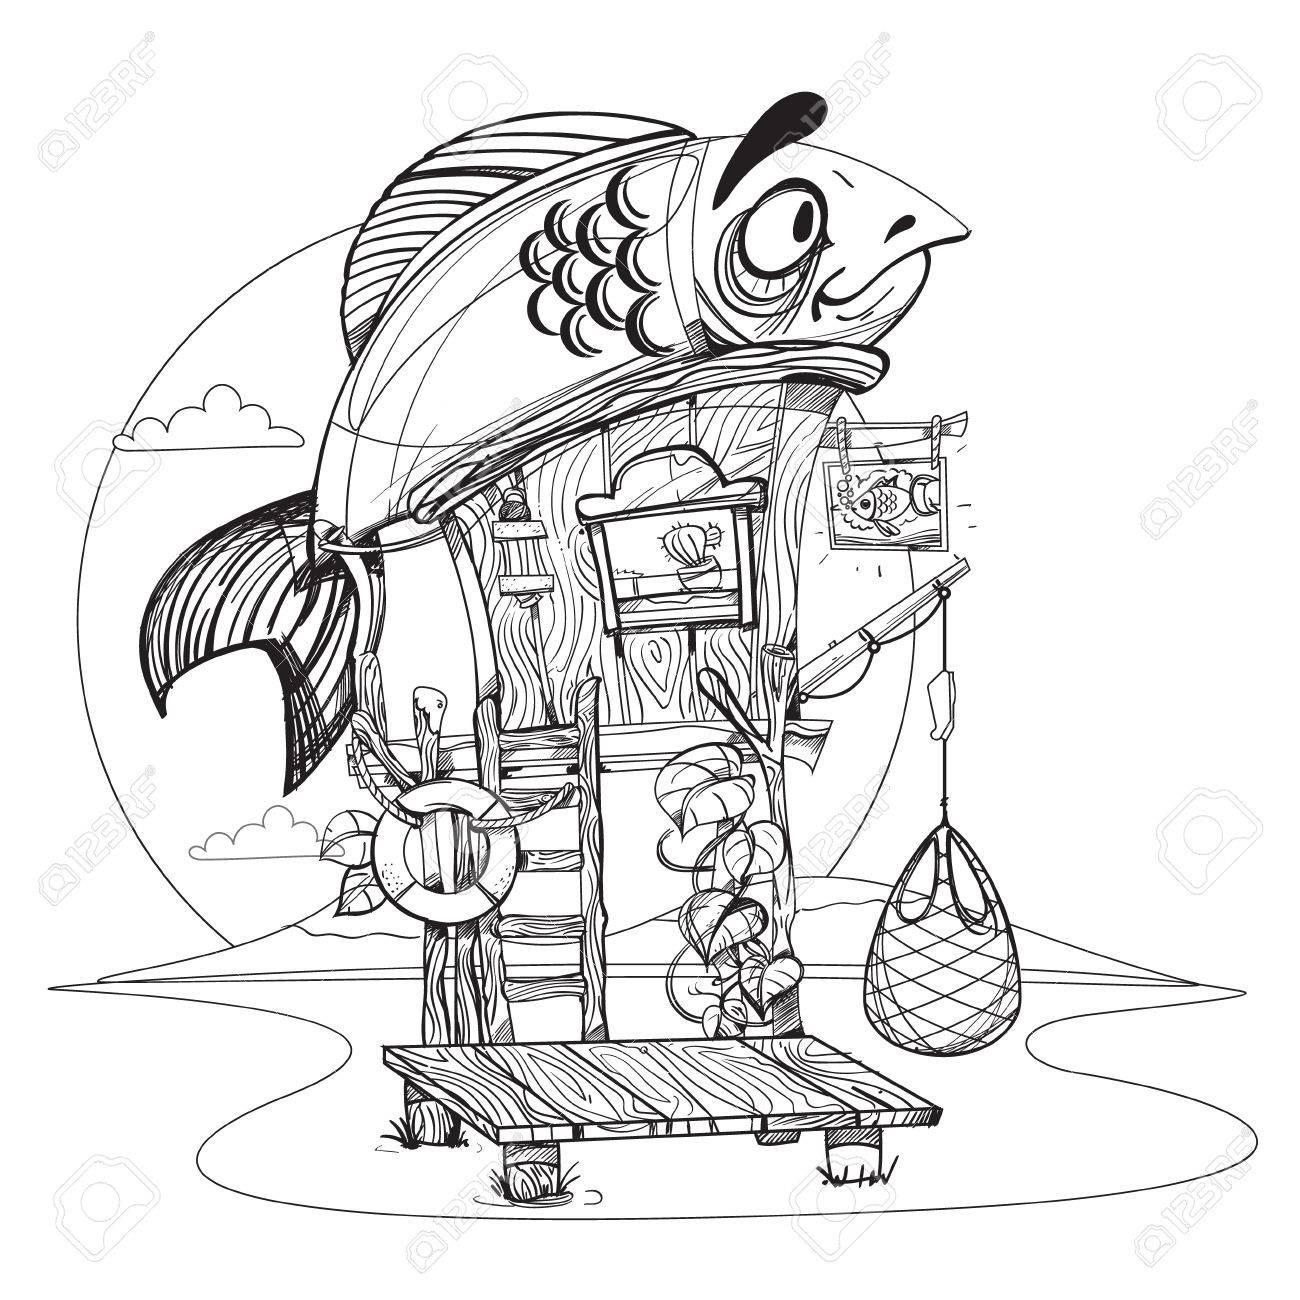 Pescador Casa Ilustración De Dibujos Animados De Una Cabaña De Madera Sobre Pilotes Cerca Del Río Dibujo Para El Juego De Las Aplicaciones Móviles